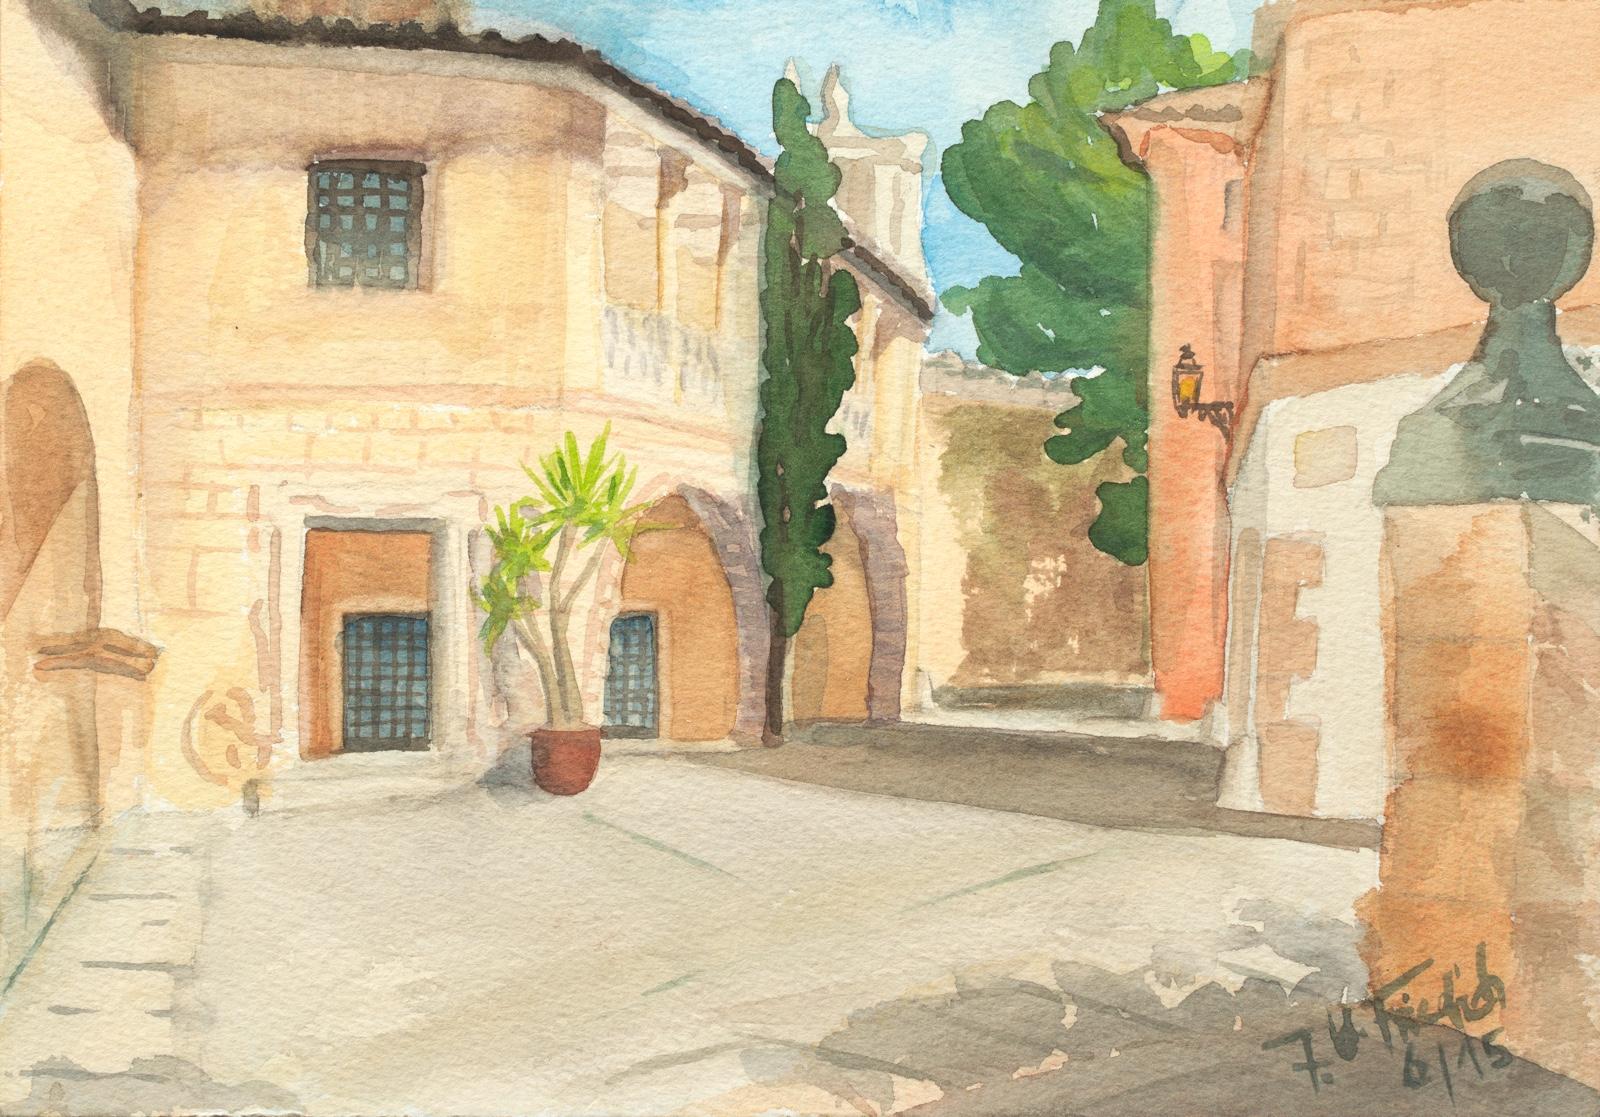 Pueblo_Espanol_Casa_Barroca_d_Lugo